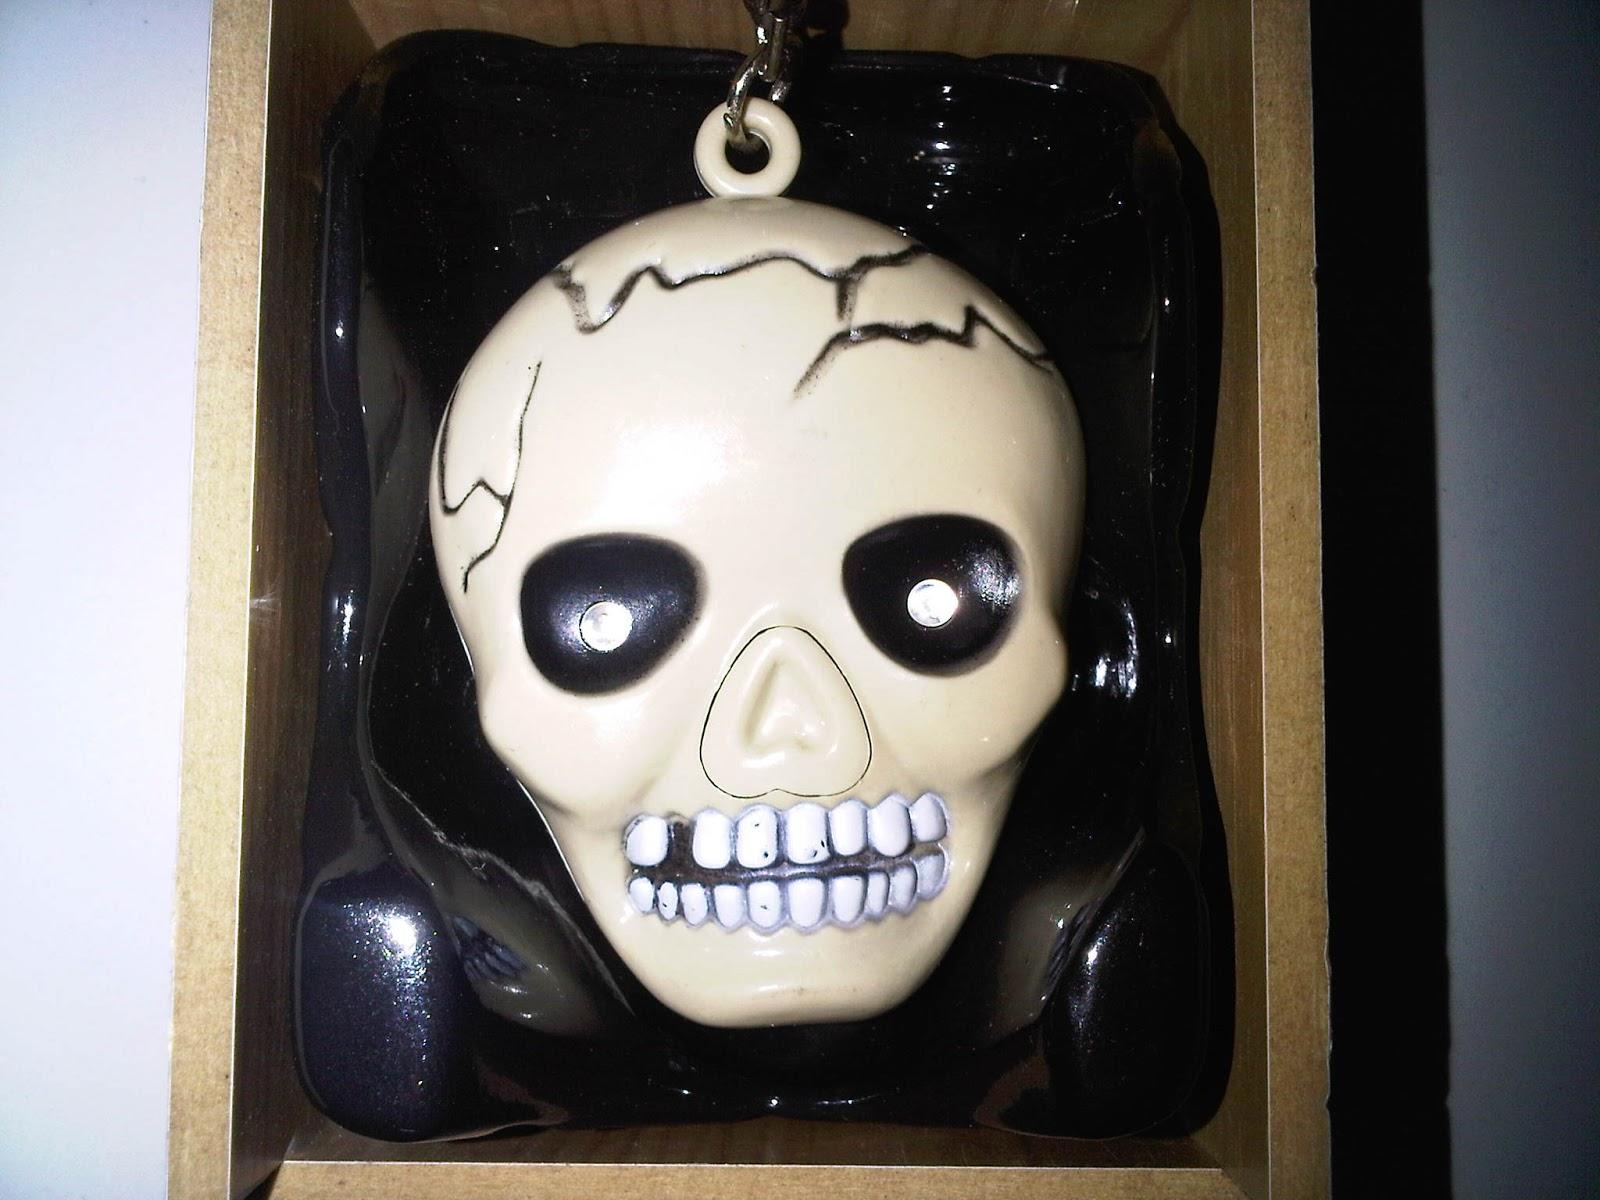 Laughing Skull - Rp 150.000